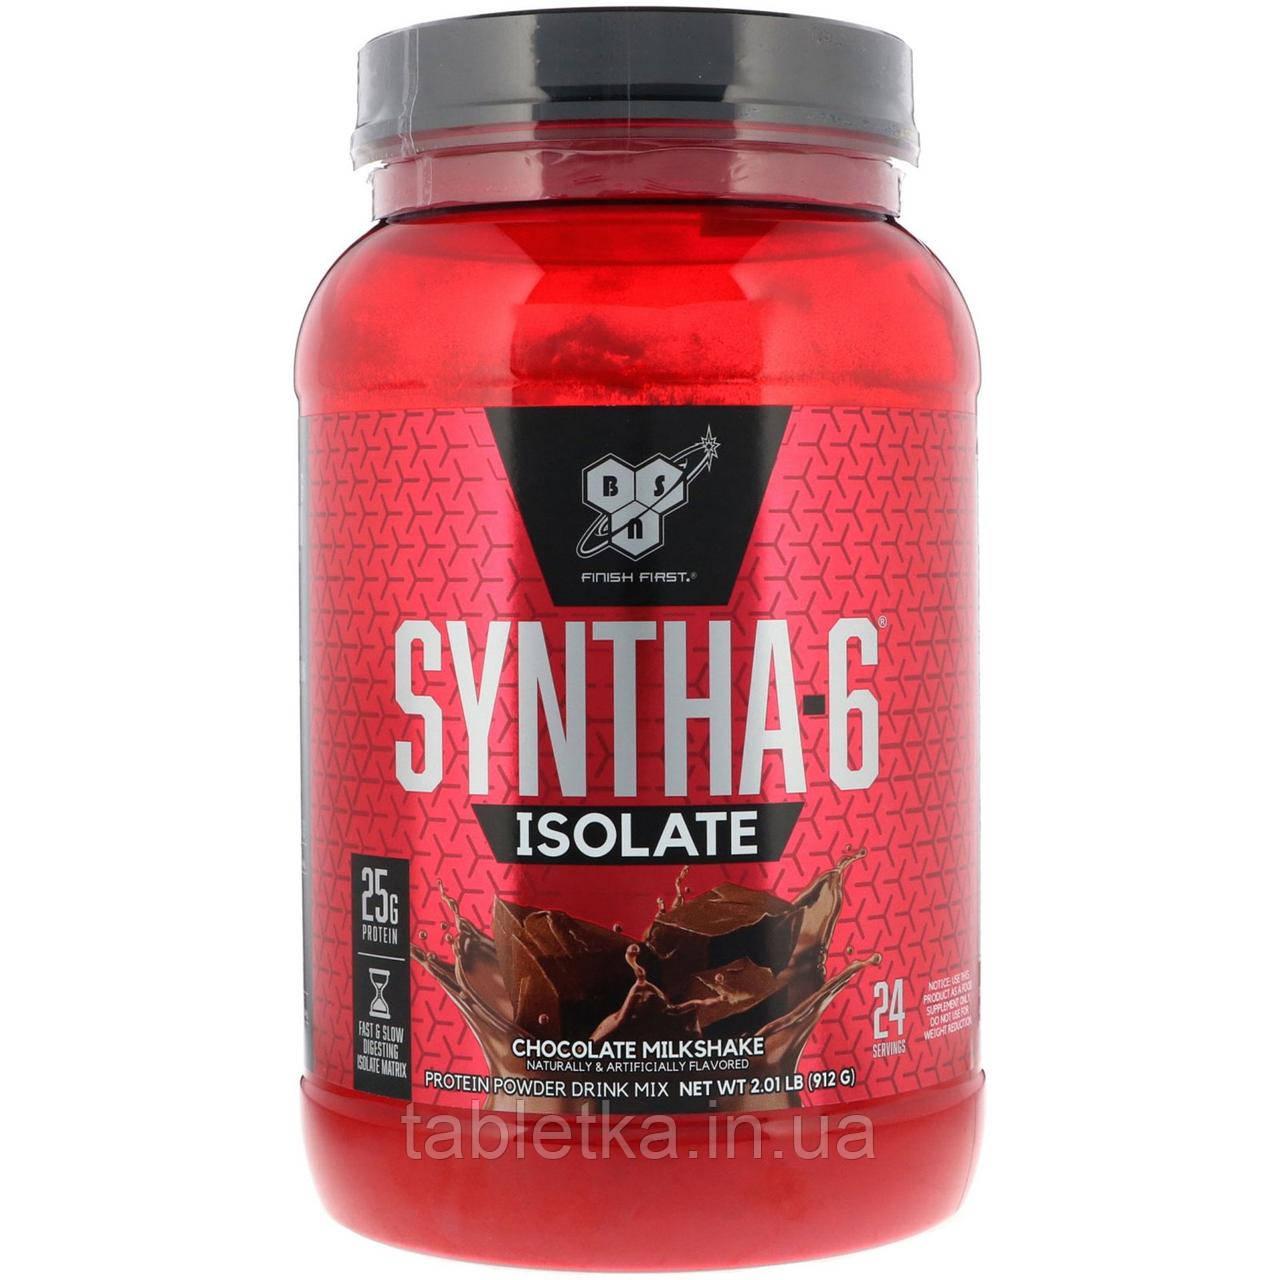 BSN, Syntha-6 Isolate, белково-порошковая смесь для напитков со вкусом шоколадного молочного коктейля, 912 г